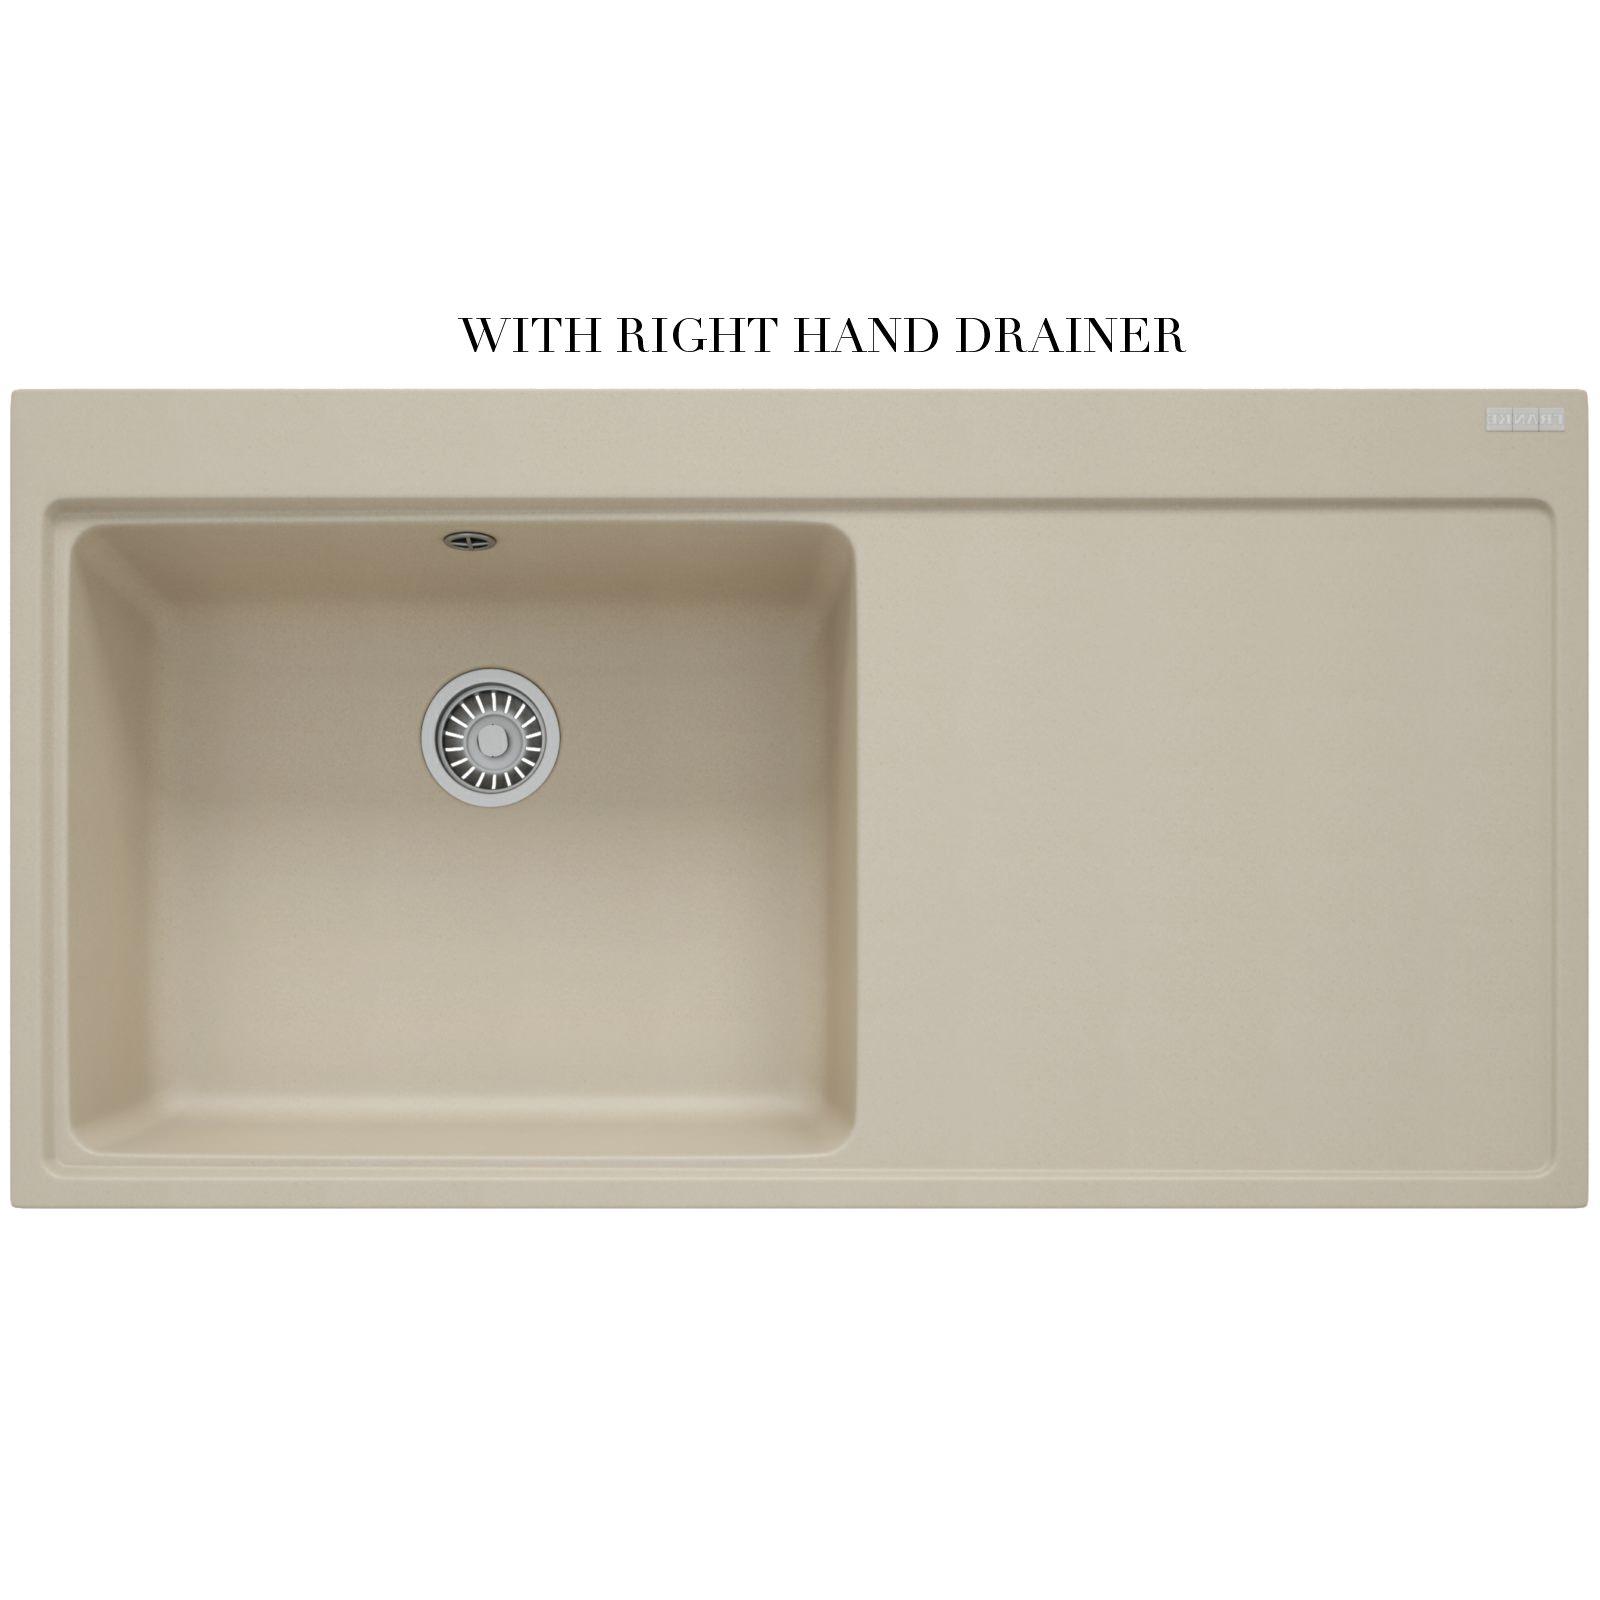 Franke Mythos Sink And Tap Pack : Franke Mythos Designer Pack MTG 611 Fragranite Coffee Sink And Tap ...